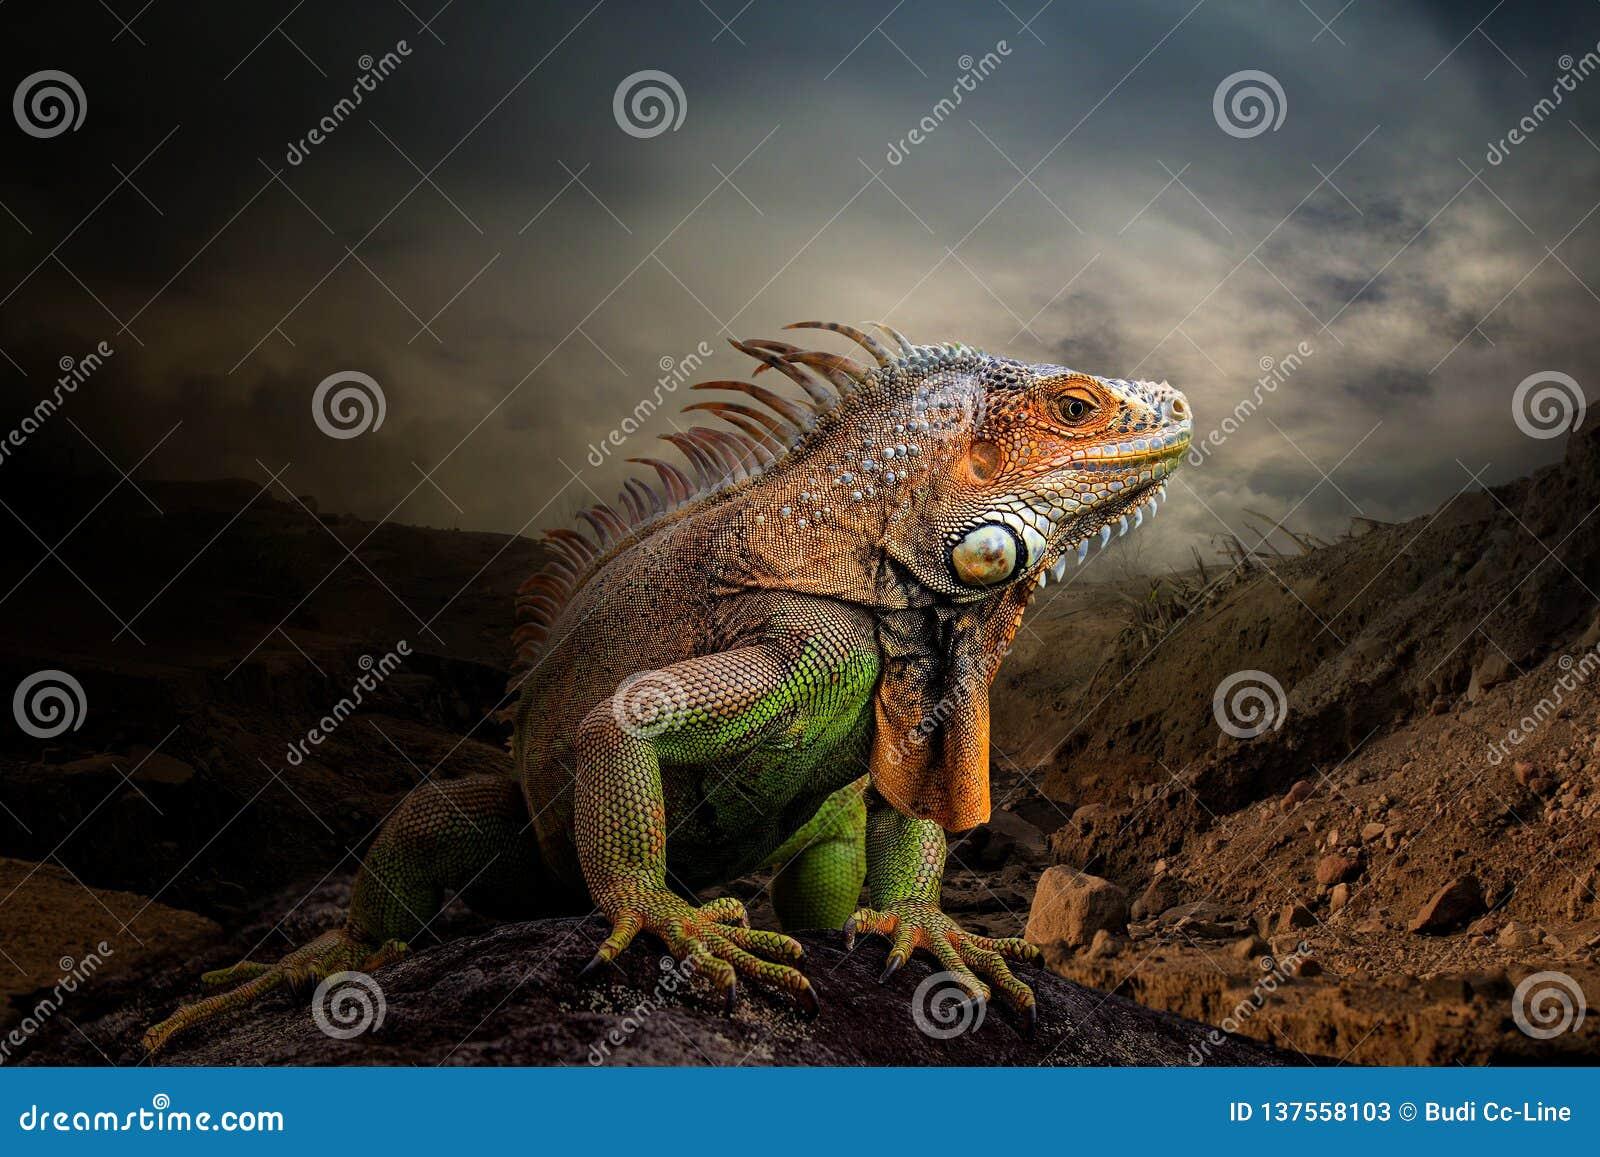 The king of Iguana on the Land